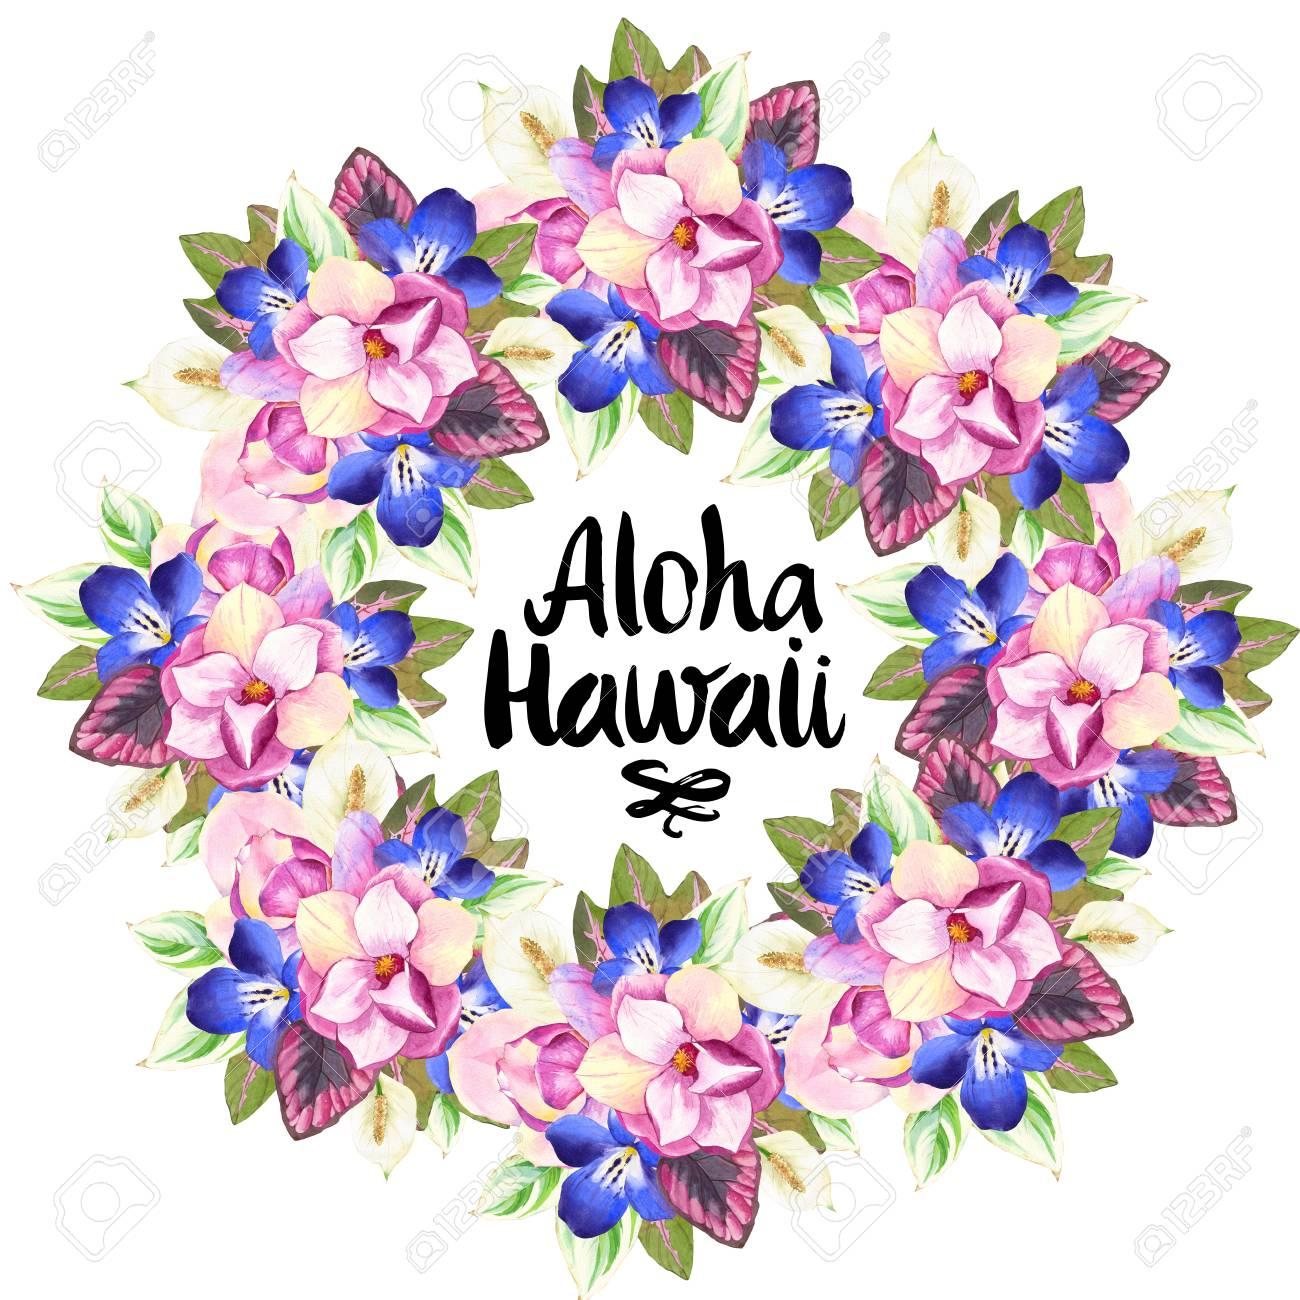 hawaiian wreath with realistic watercolor flowers aloha hawaii